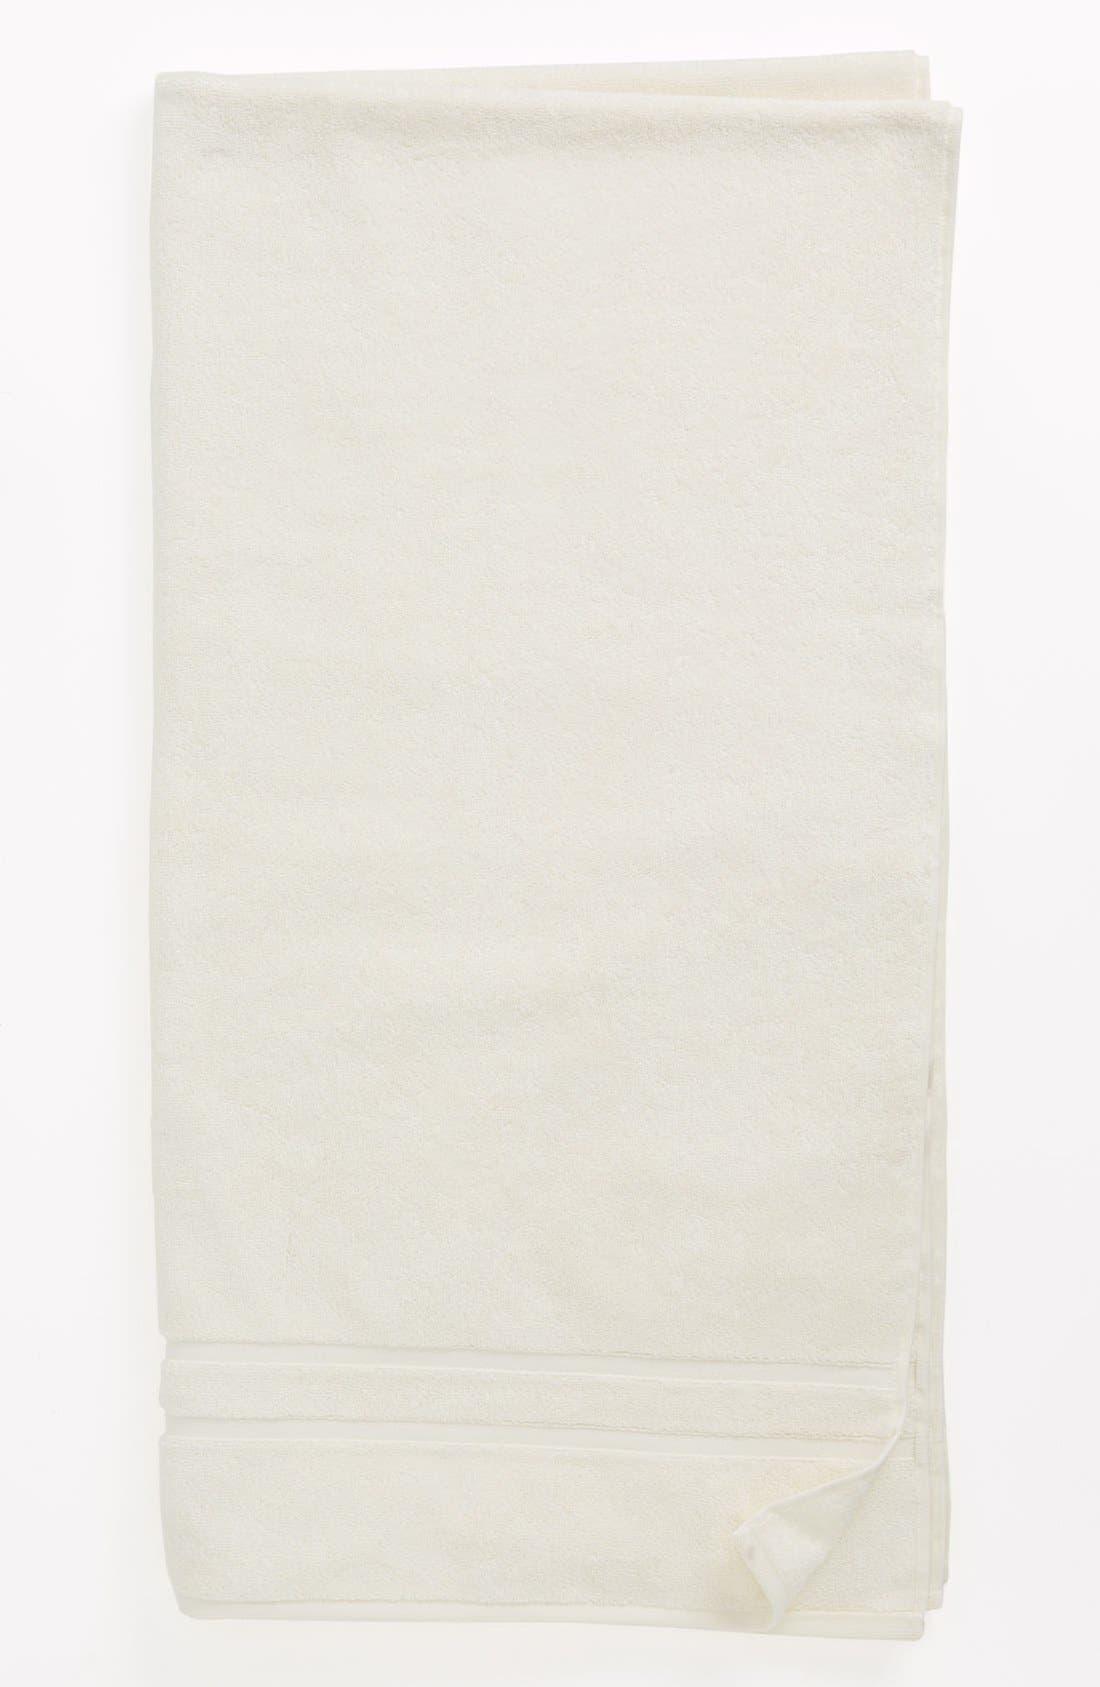 Main Image - Waterworks Studio Turkish Cotton Bath Sheet (Online Only)